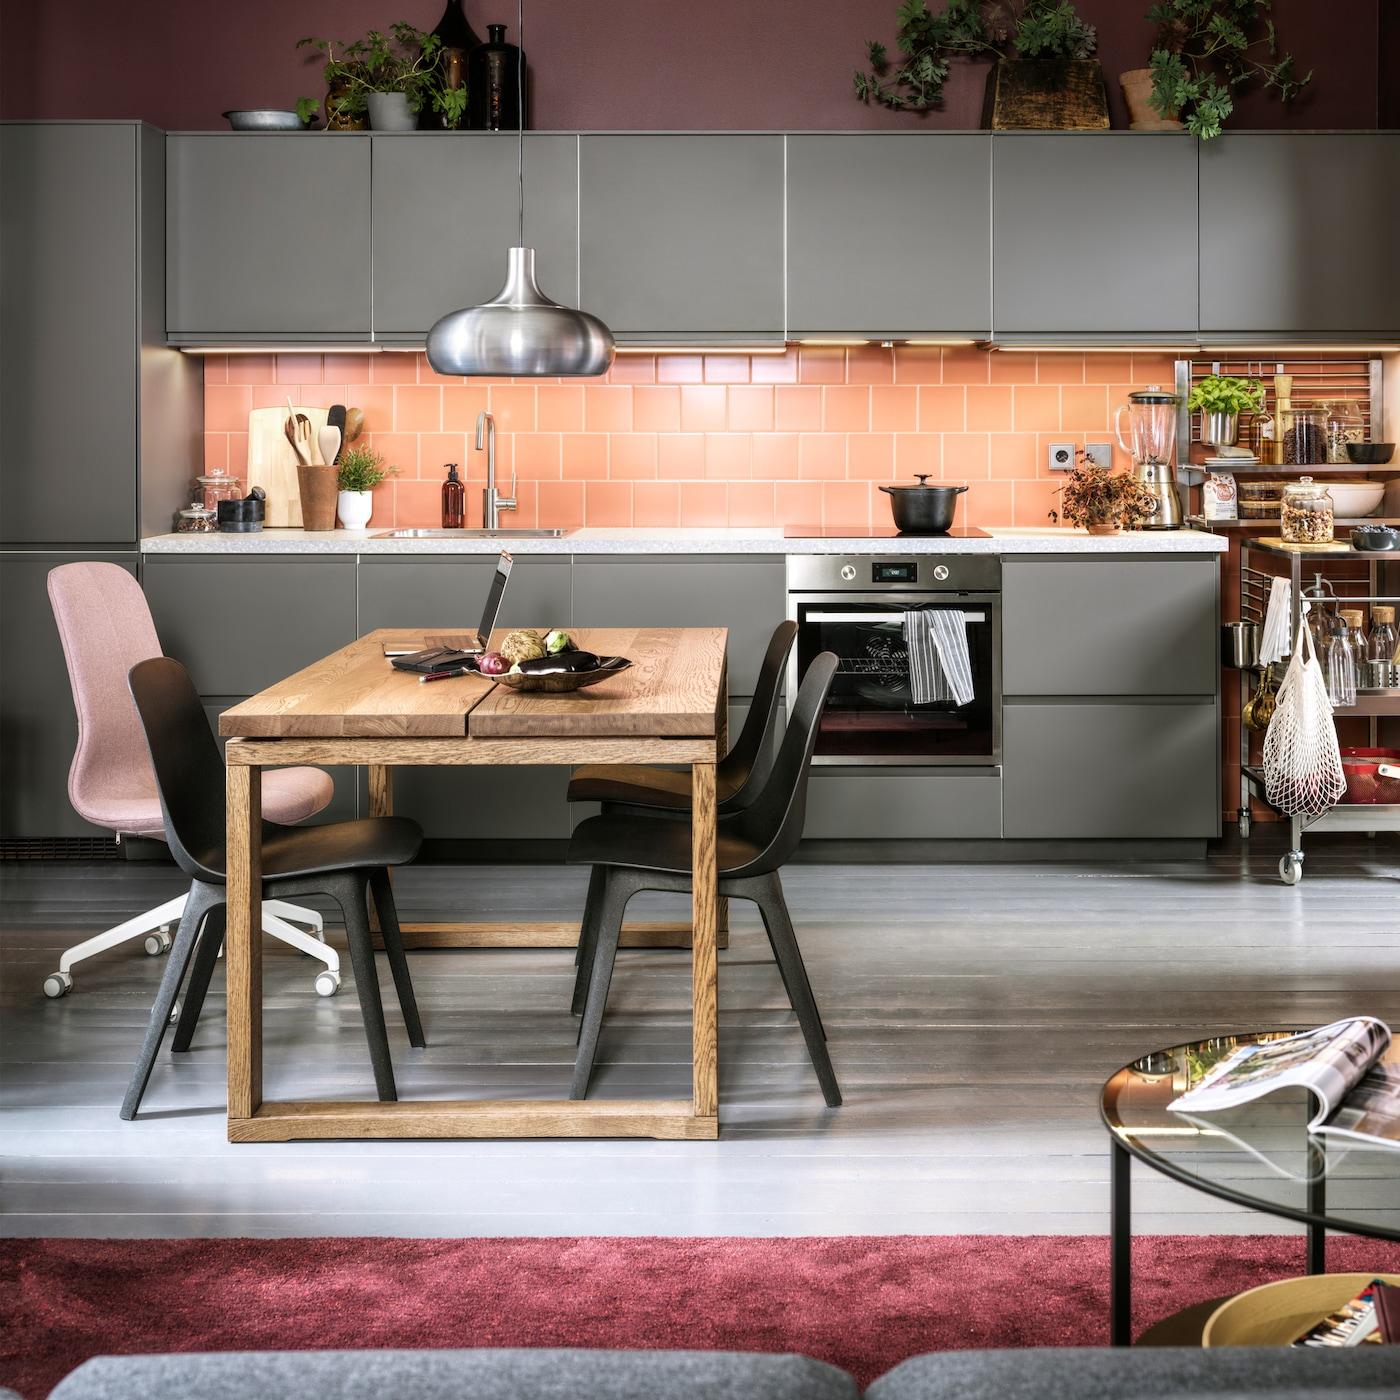 Rosakaklat kök med mörkgrå köksfronter, stolar i antracit, matbord i ekfaner och VÄXJÖ taklampa.